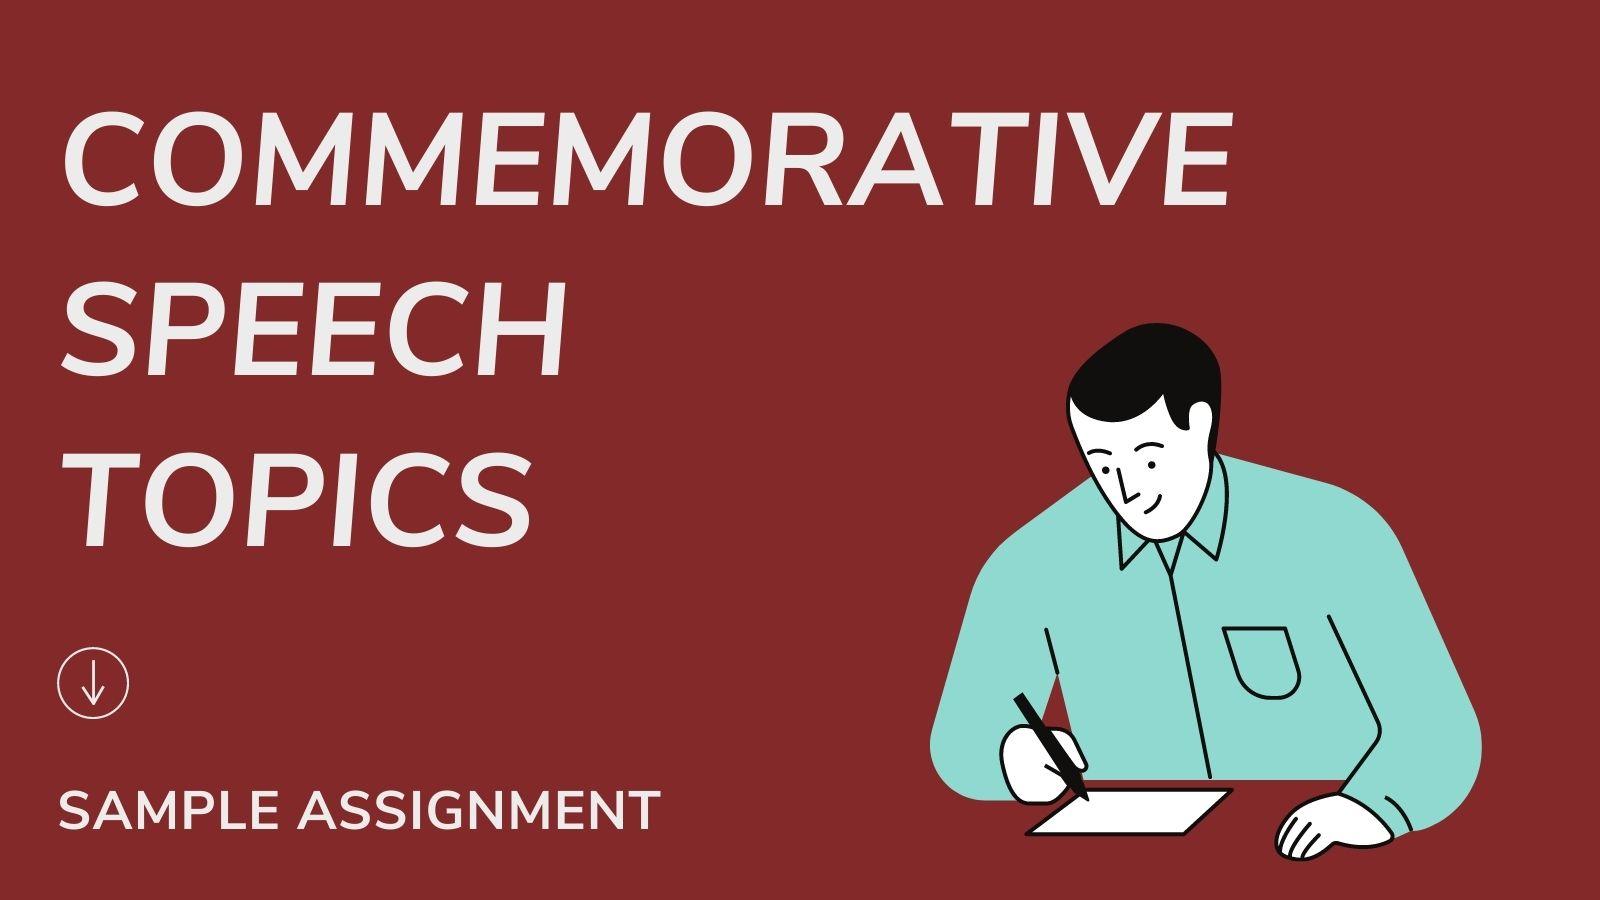 Commemorative Speech Topics